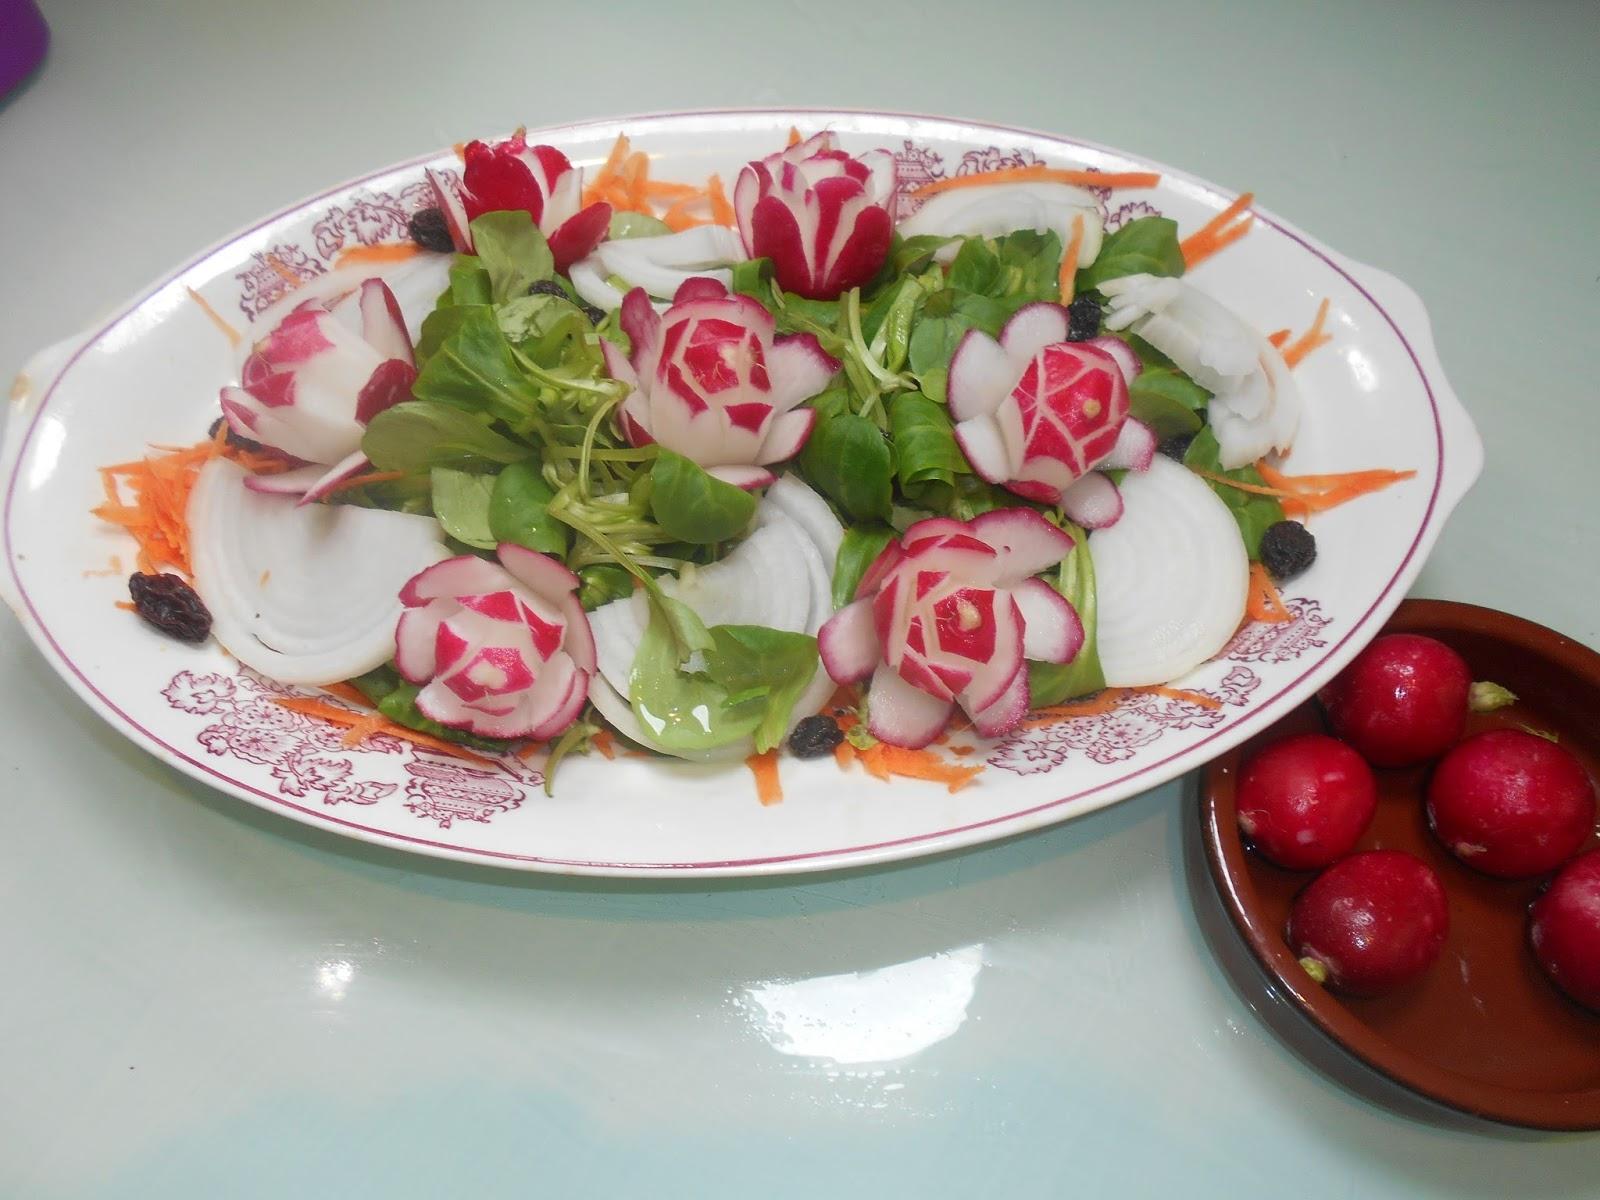 Los trucos de julieta decorando ensaladas con flores de for Decoracion de ensaladas